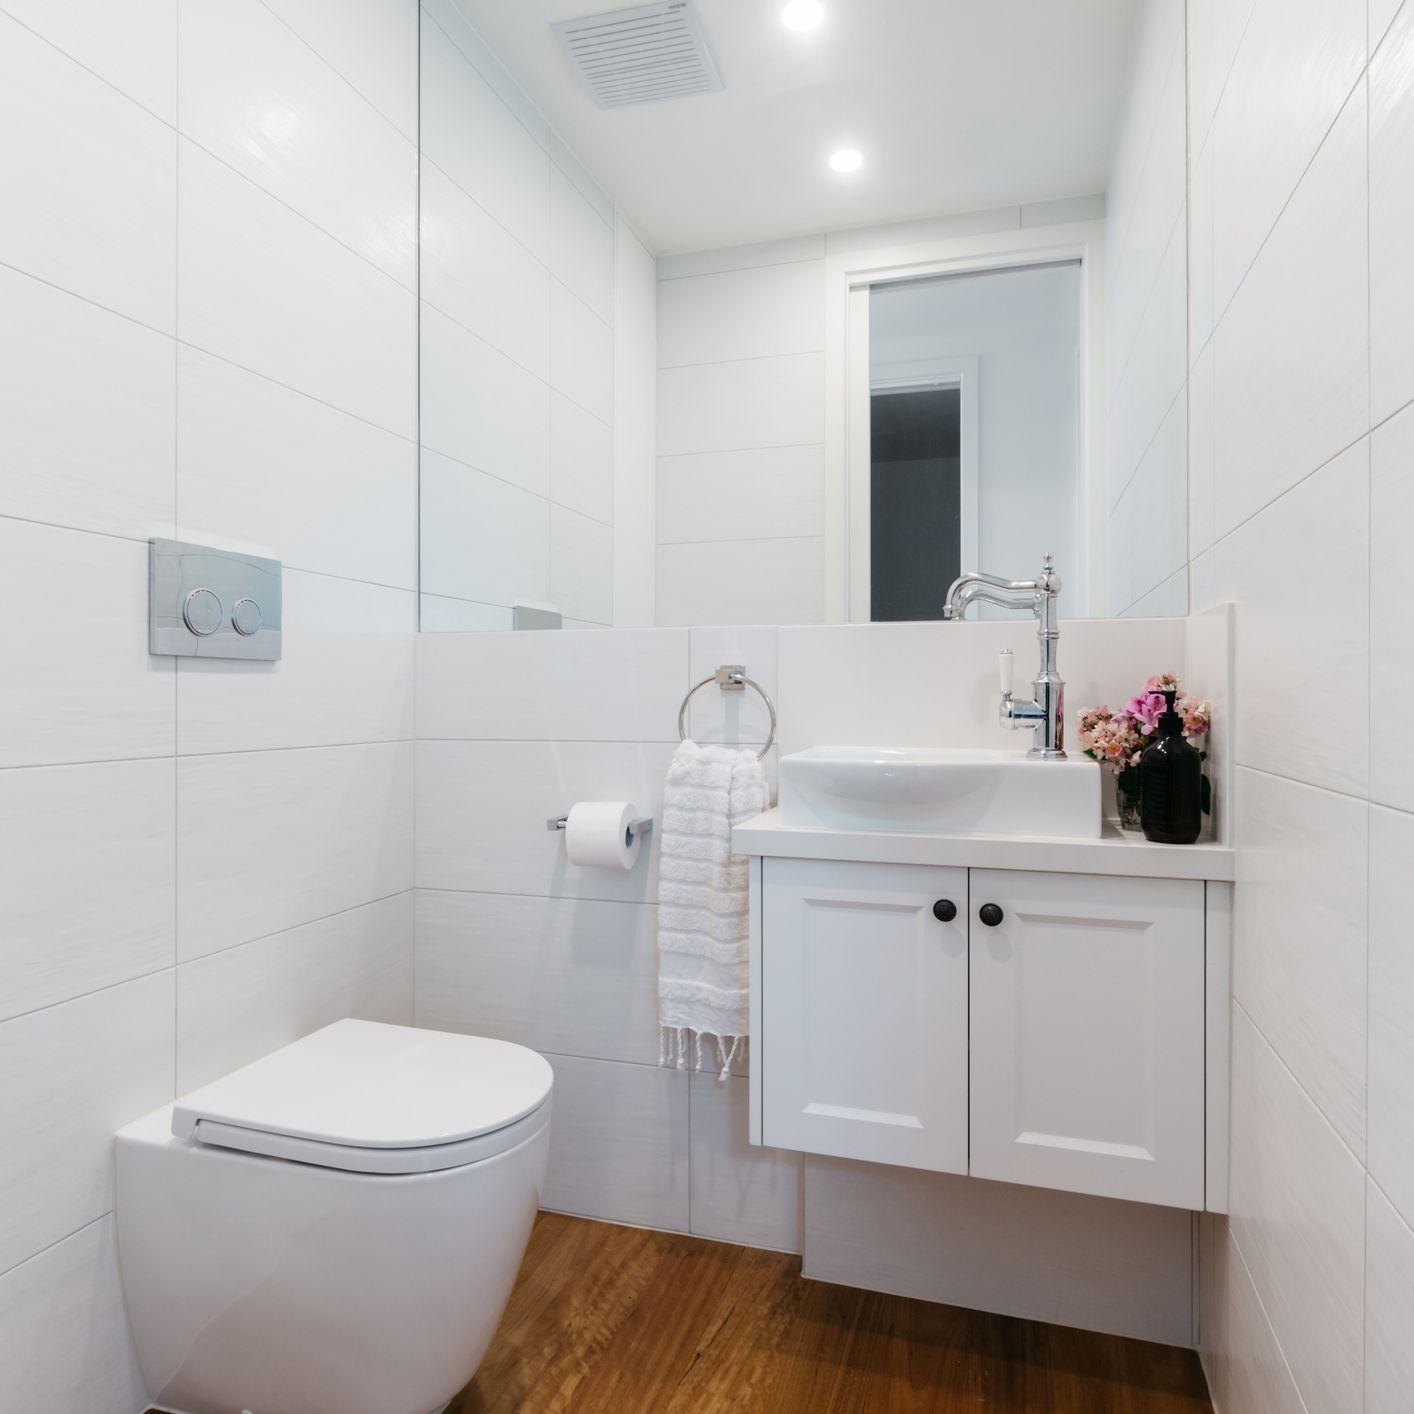 Contemporary white powder room